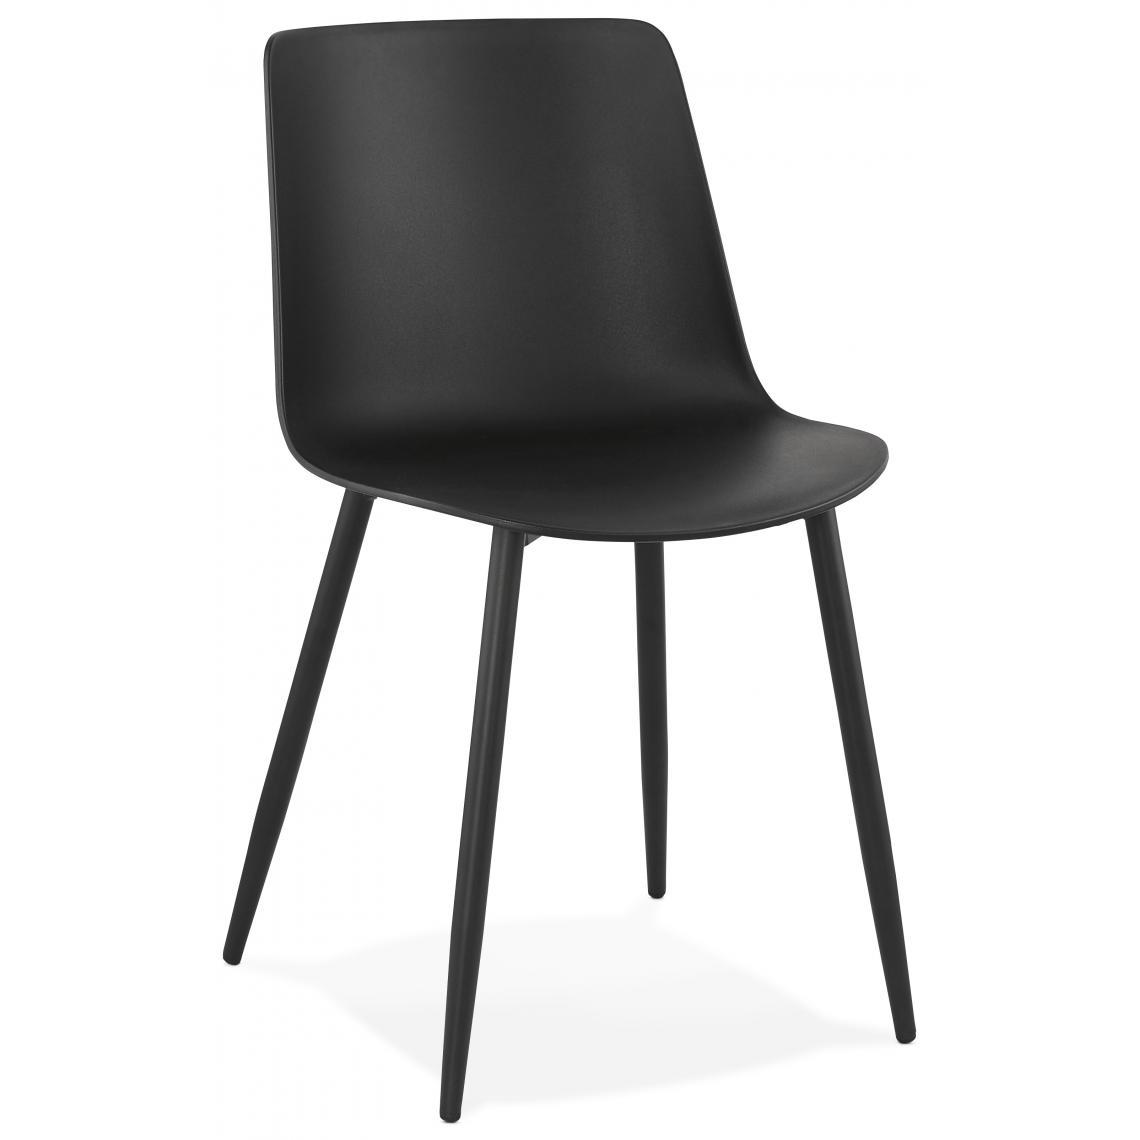 chaise en plastique noir dossier rectangulaire sibaque